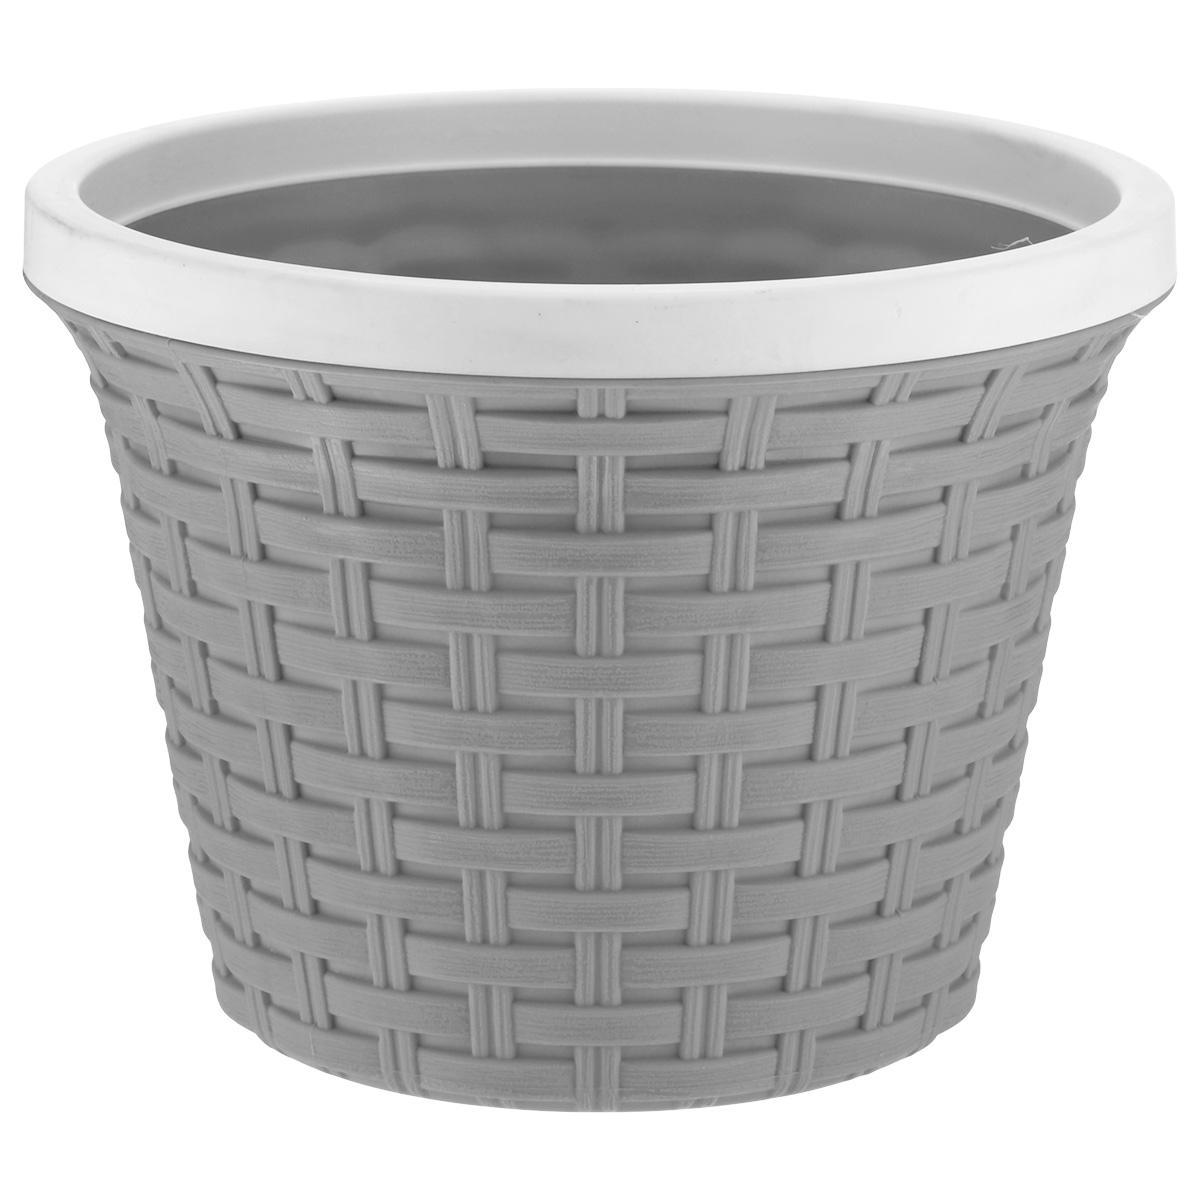 Кашпо круглое Violet Ротанг, с дренажной системой, цвет: серый, 3,4 л32340/8Круглое кашпо Violet Ротанг изготовлено из высококачественного пластика и оснащено дренажной системой для быстрого отведения избытка воды при поливе. Изделие прекрасно подходит для выращивания растений и цветов в домашних условиях. Лаконичный дизайн впишется в интерьер любого помещения. Объем: 3,4 л.